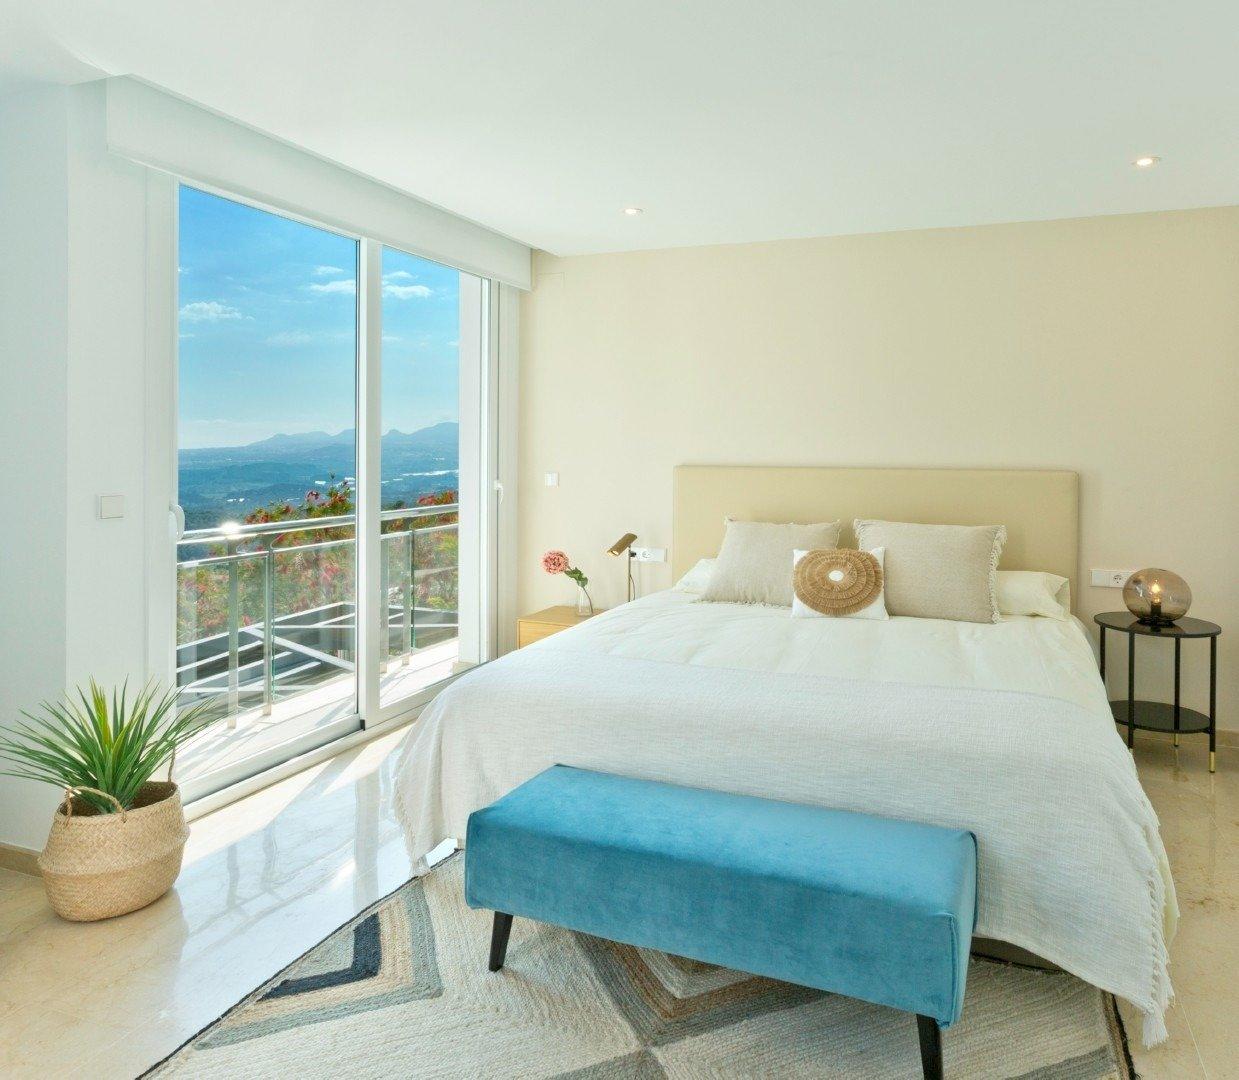 Villa de obra nueva en altea con vistas al mar!!! - imagenInmueble10